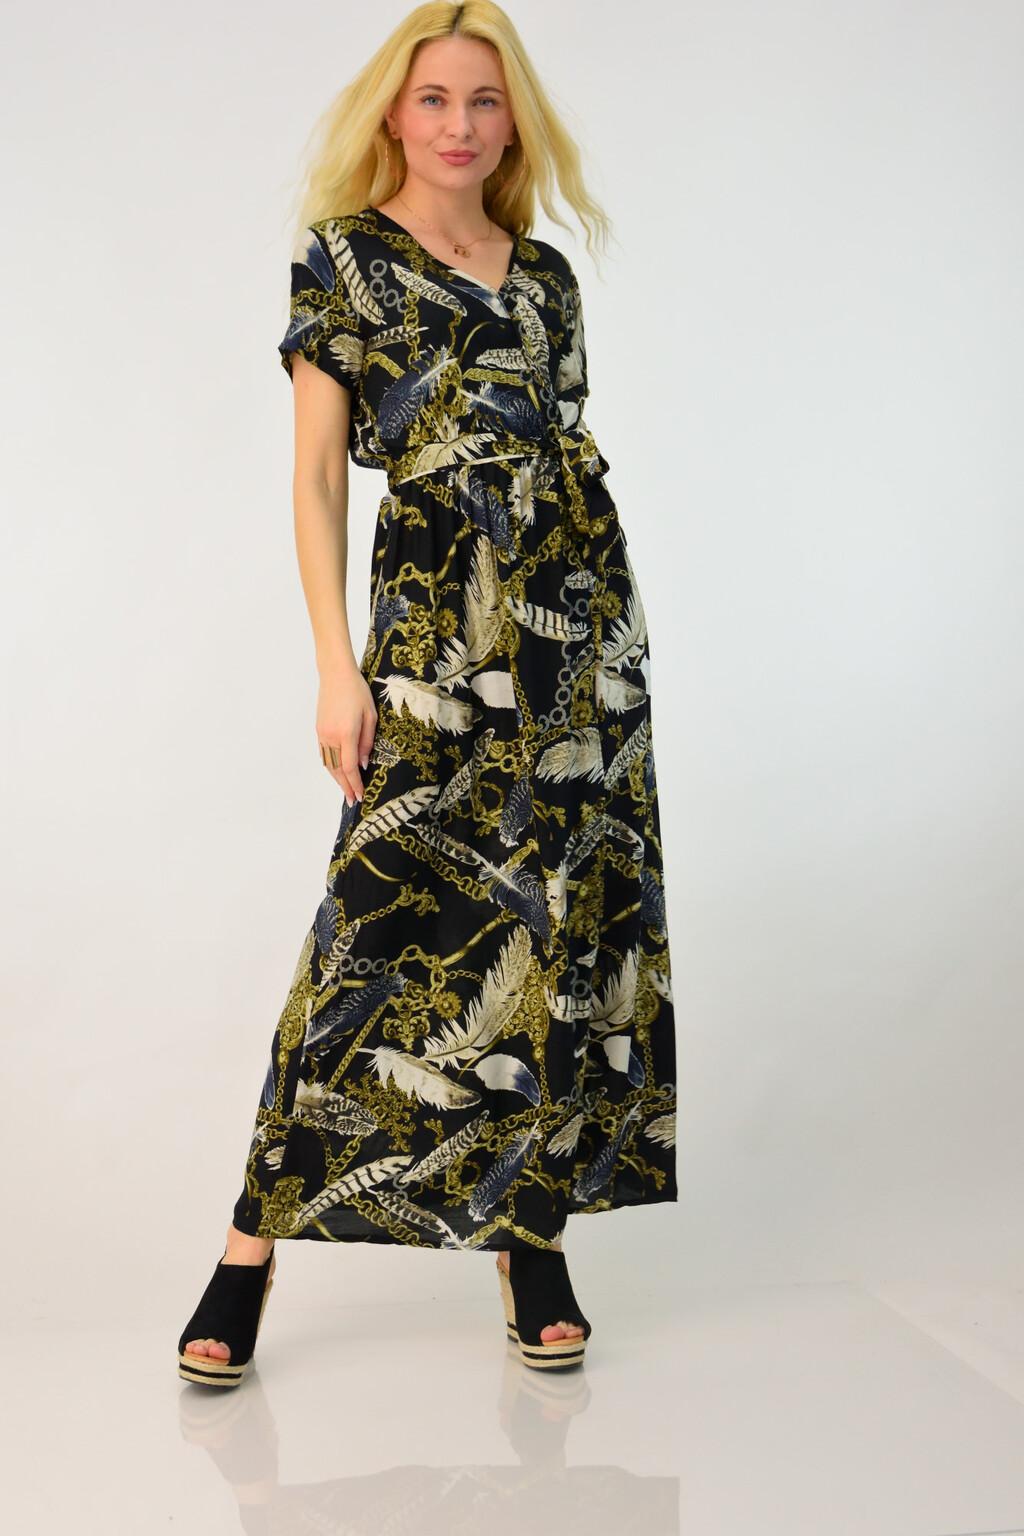 3c7a4a2cbfd4 Γυναικείο φόρεμα εμπριμέ με σκίσιμο